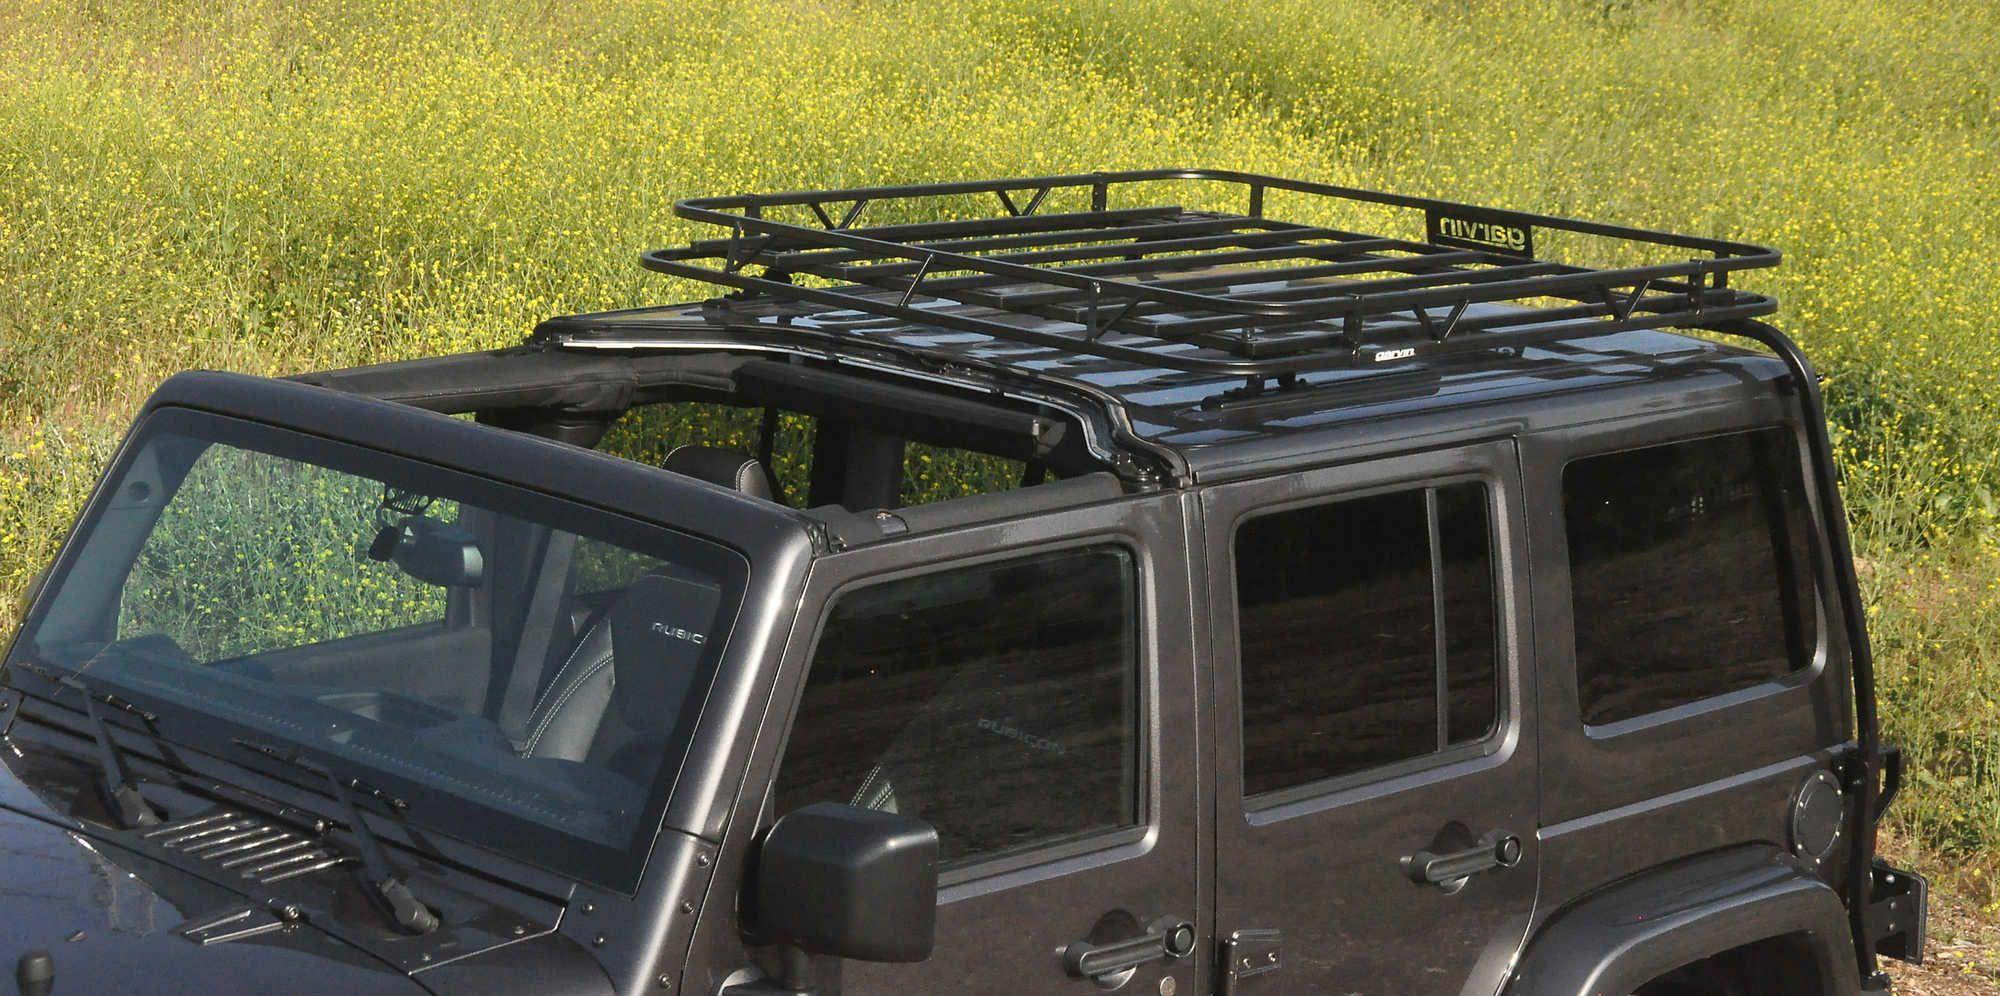 Garvin 44064 Specialty Rack For 07 17 Jeep Wrangler Unlimited Jk 4 Leaking Roof Door With Hard Top Quadratec